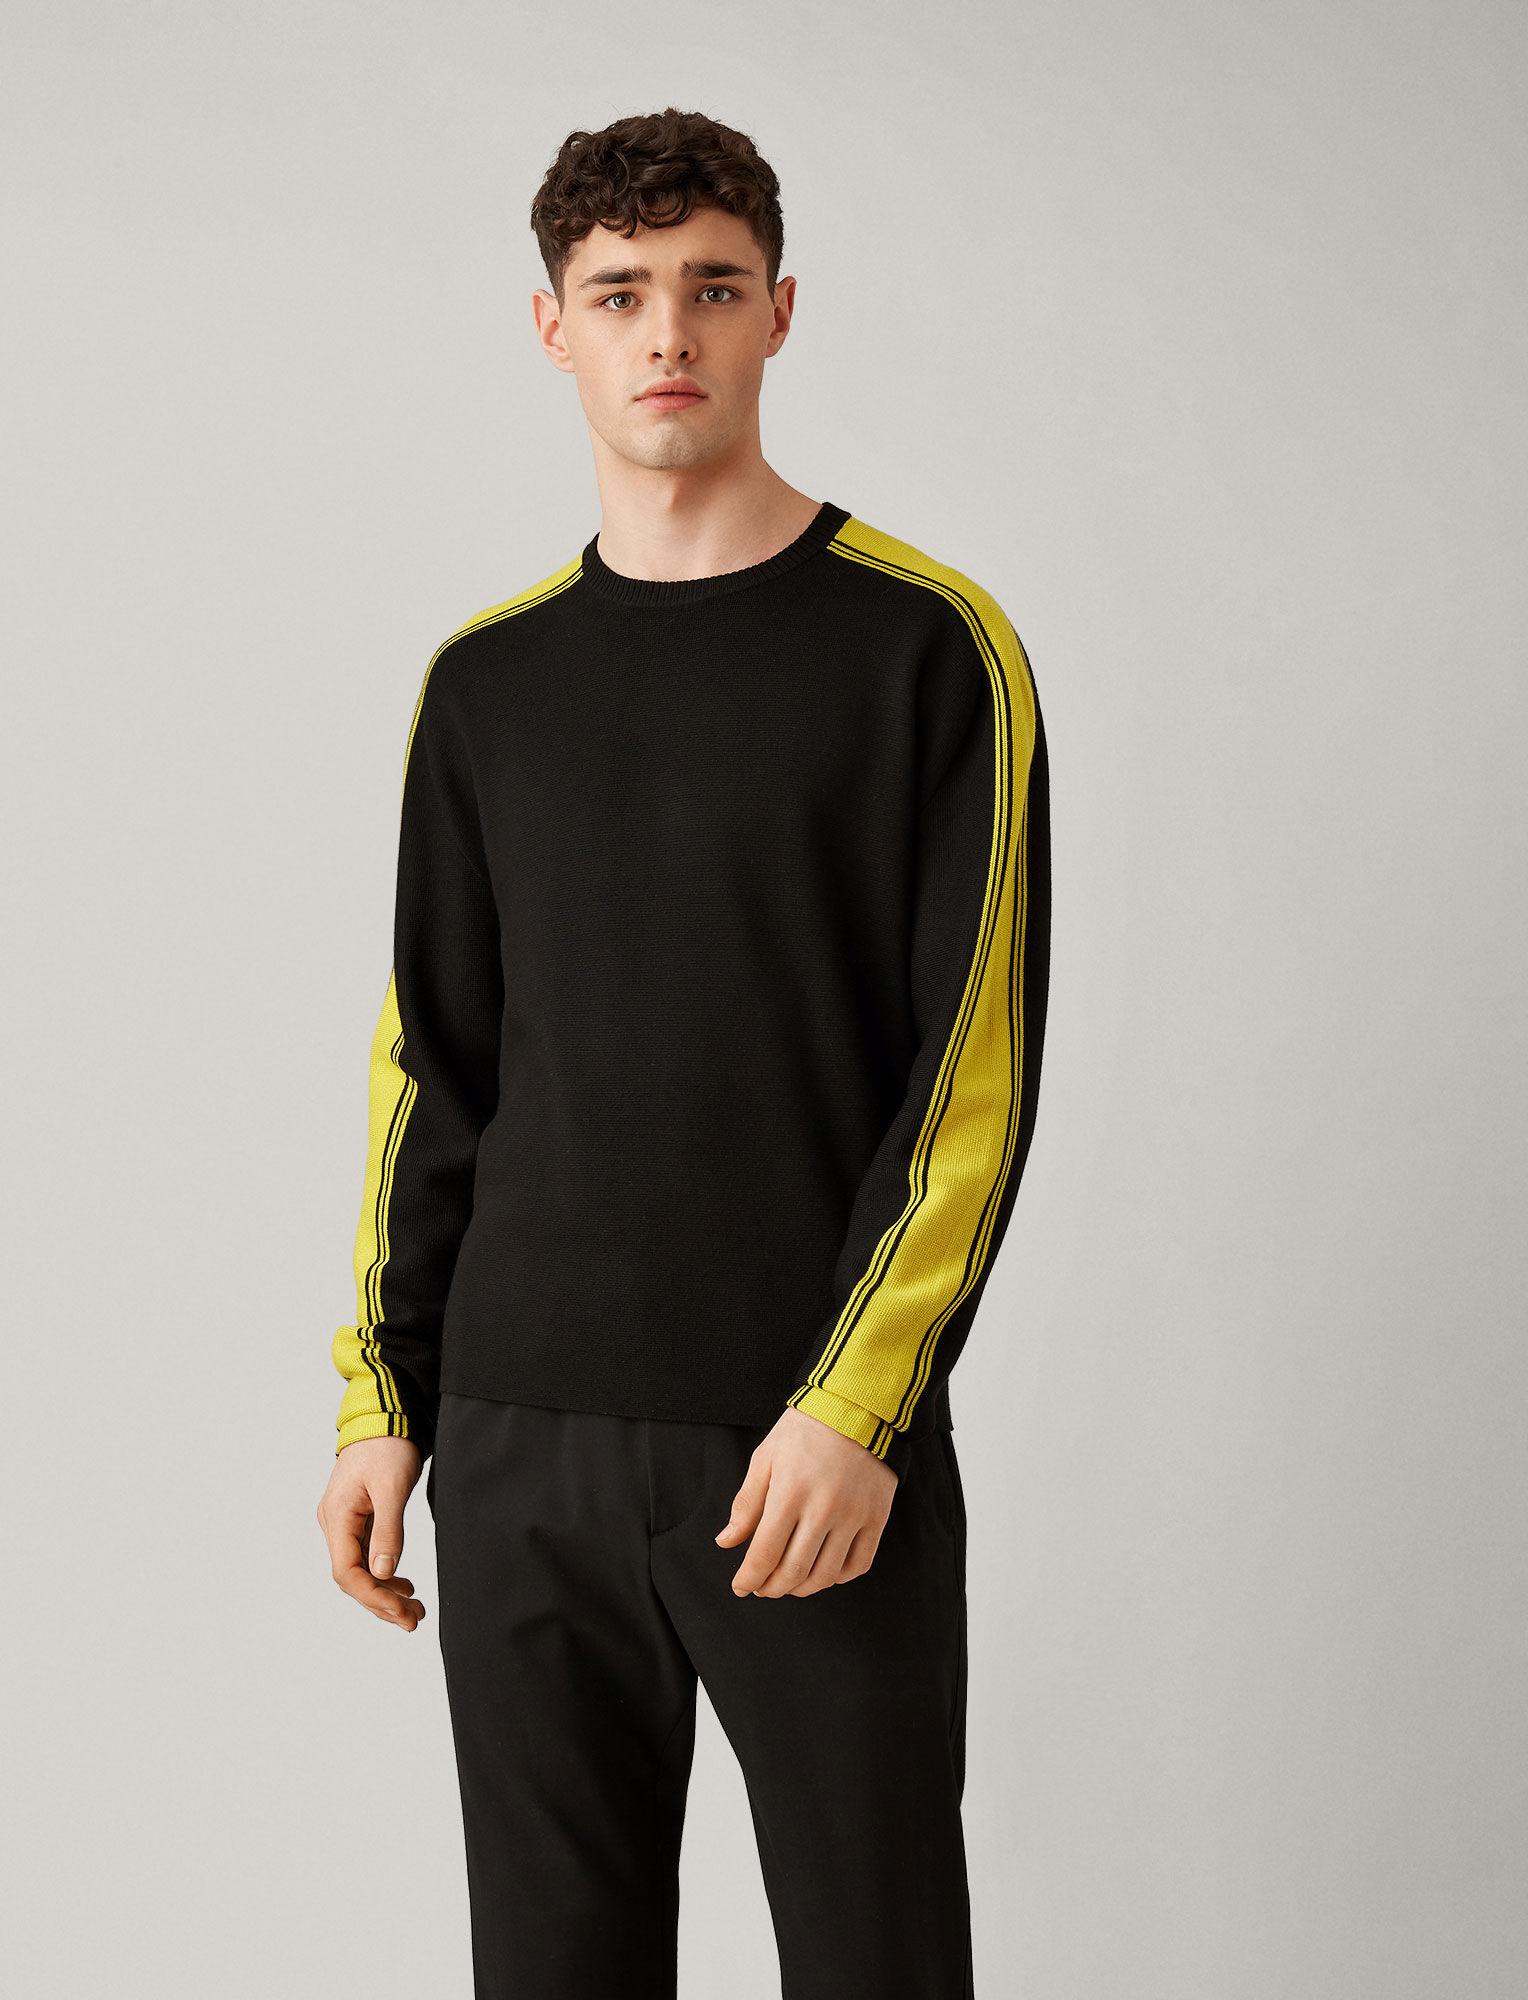 Joseph, Raglan Sports Milano Knit, in BLACK